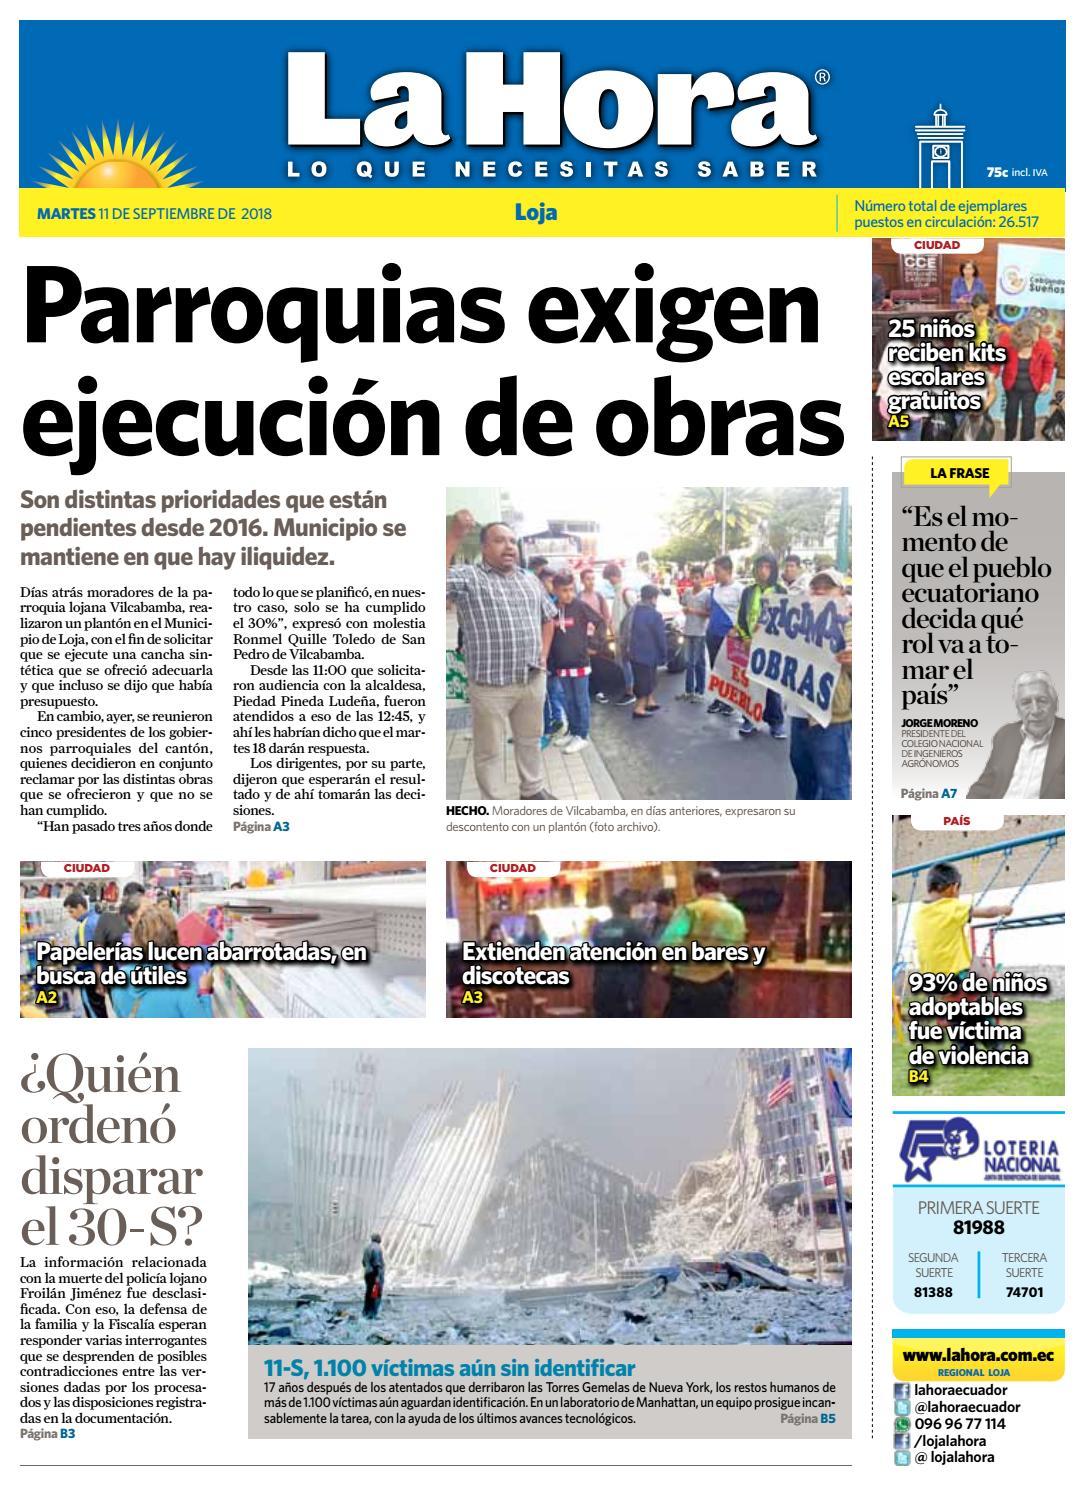 Diario La Hora Loja 11 de Septiembre 2018 by Diario La Hora Ecuador - issuu 9723a2107e